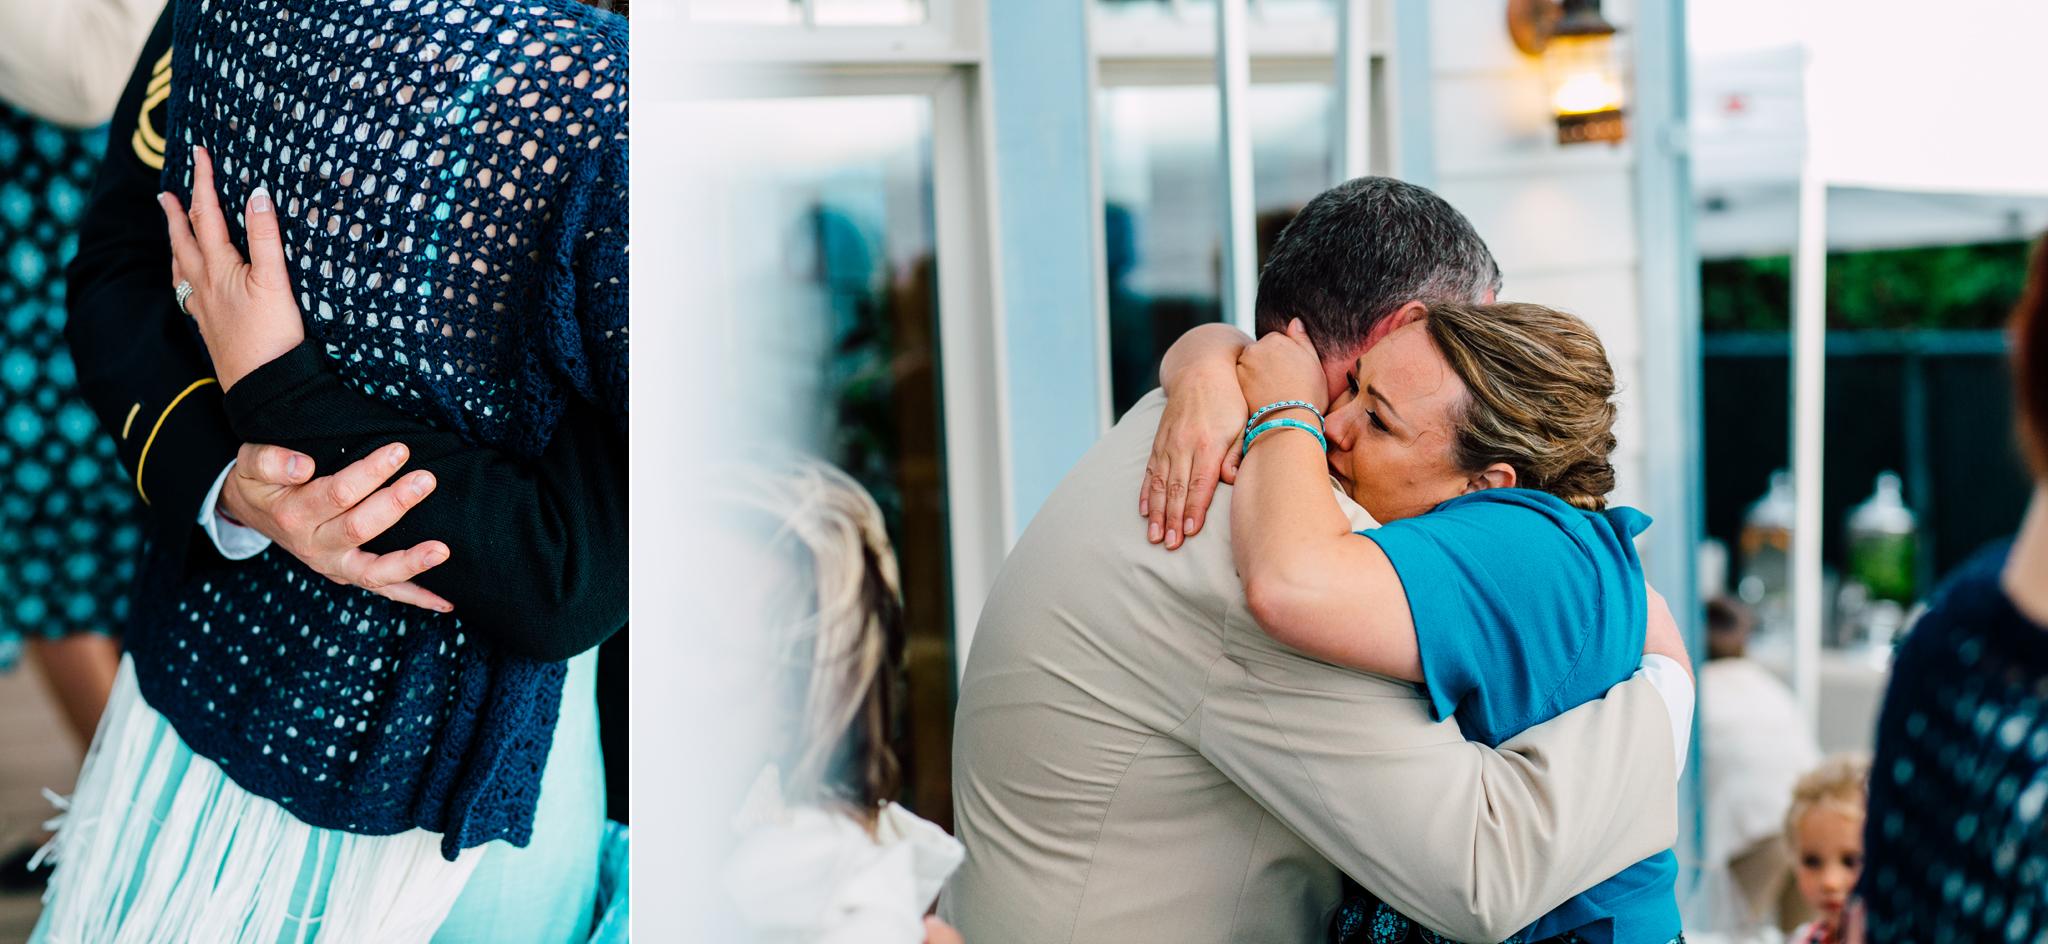 093-bellingham-wedding-photographer-beach-katheryn-moran-elisa-phillip.jpg